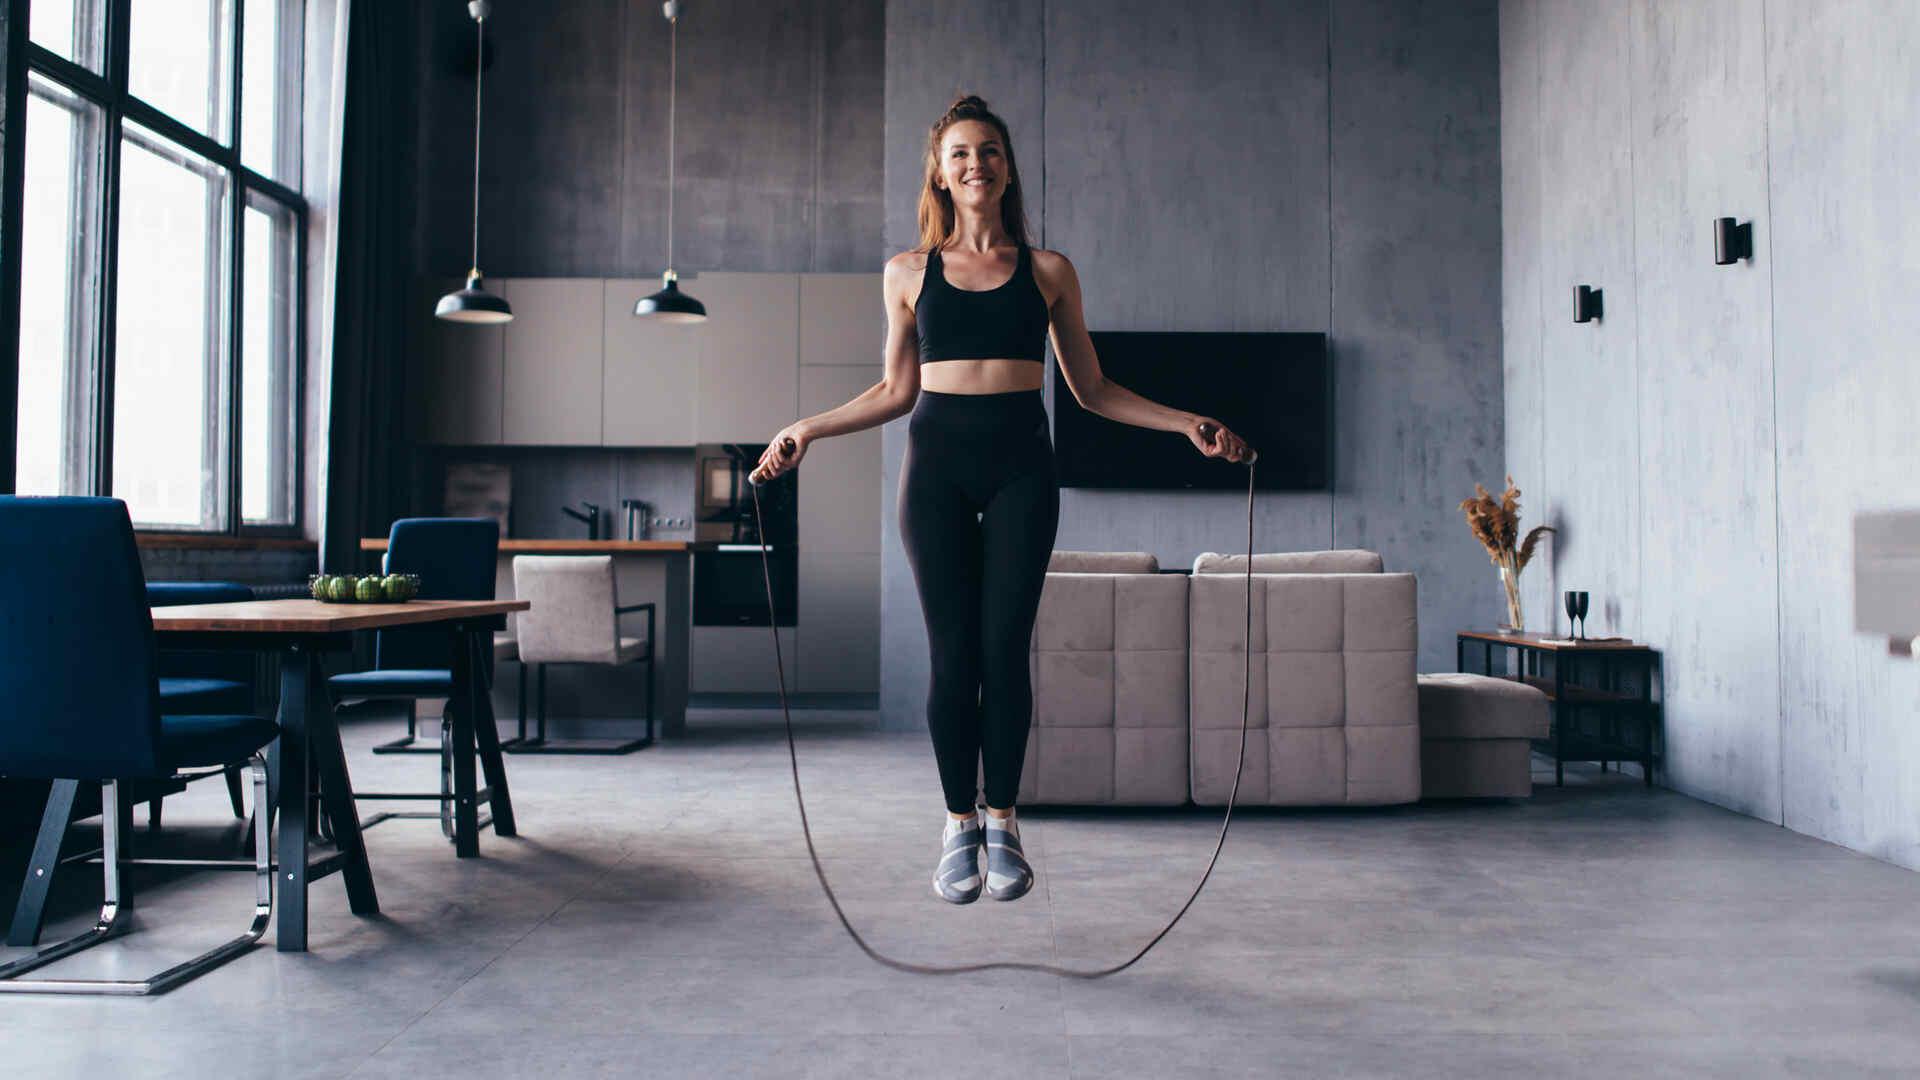 Mulher caucasiana pulando corda em sala de estar